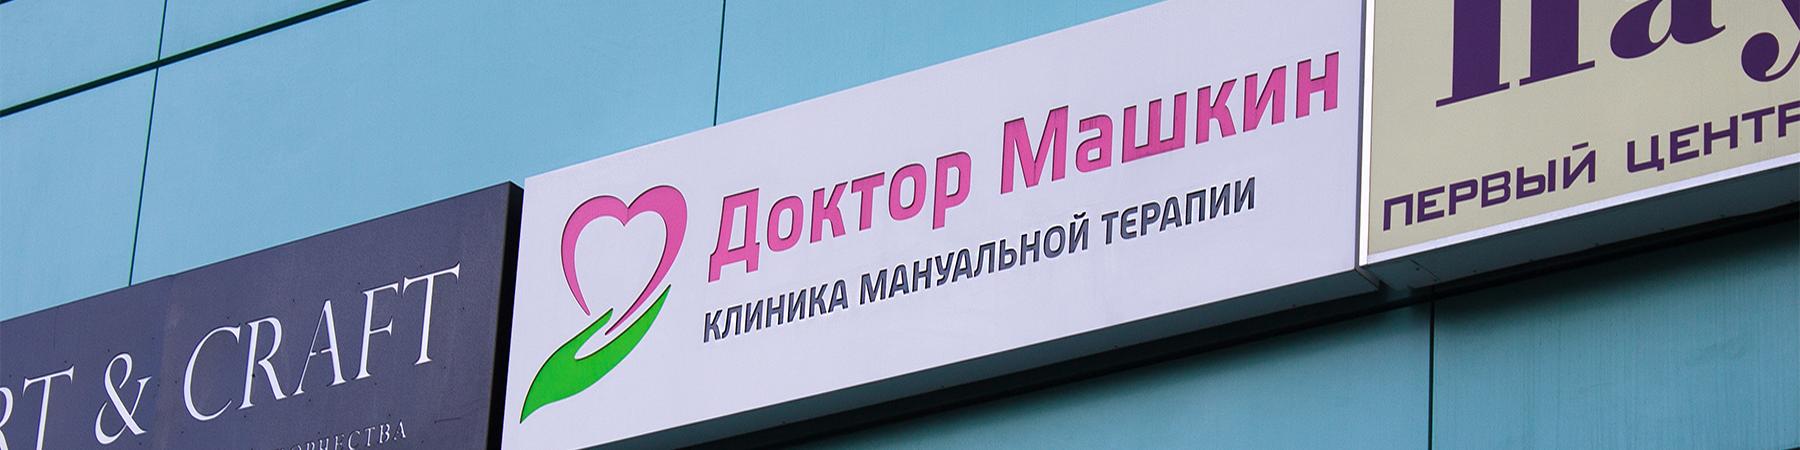 Клиника доктор Машкин, массаж, остеопатия, мануальная терапия